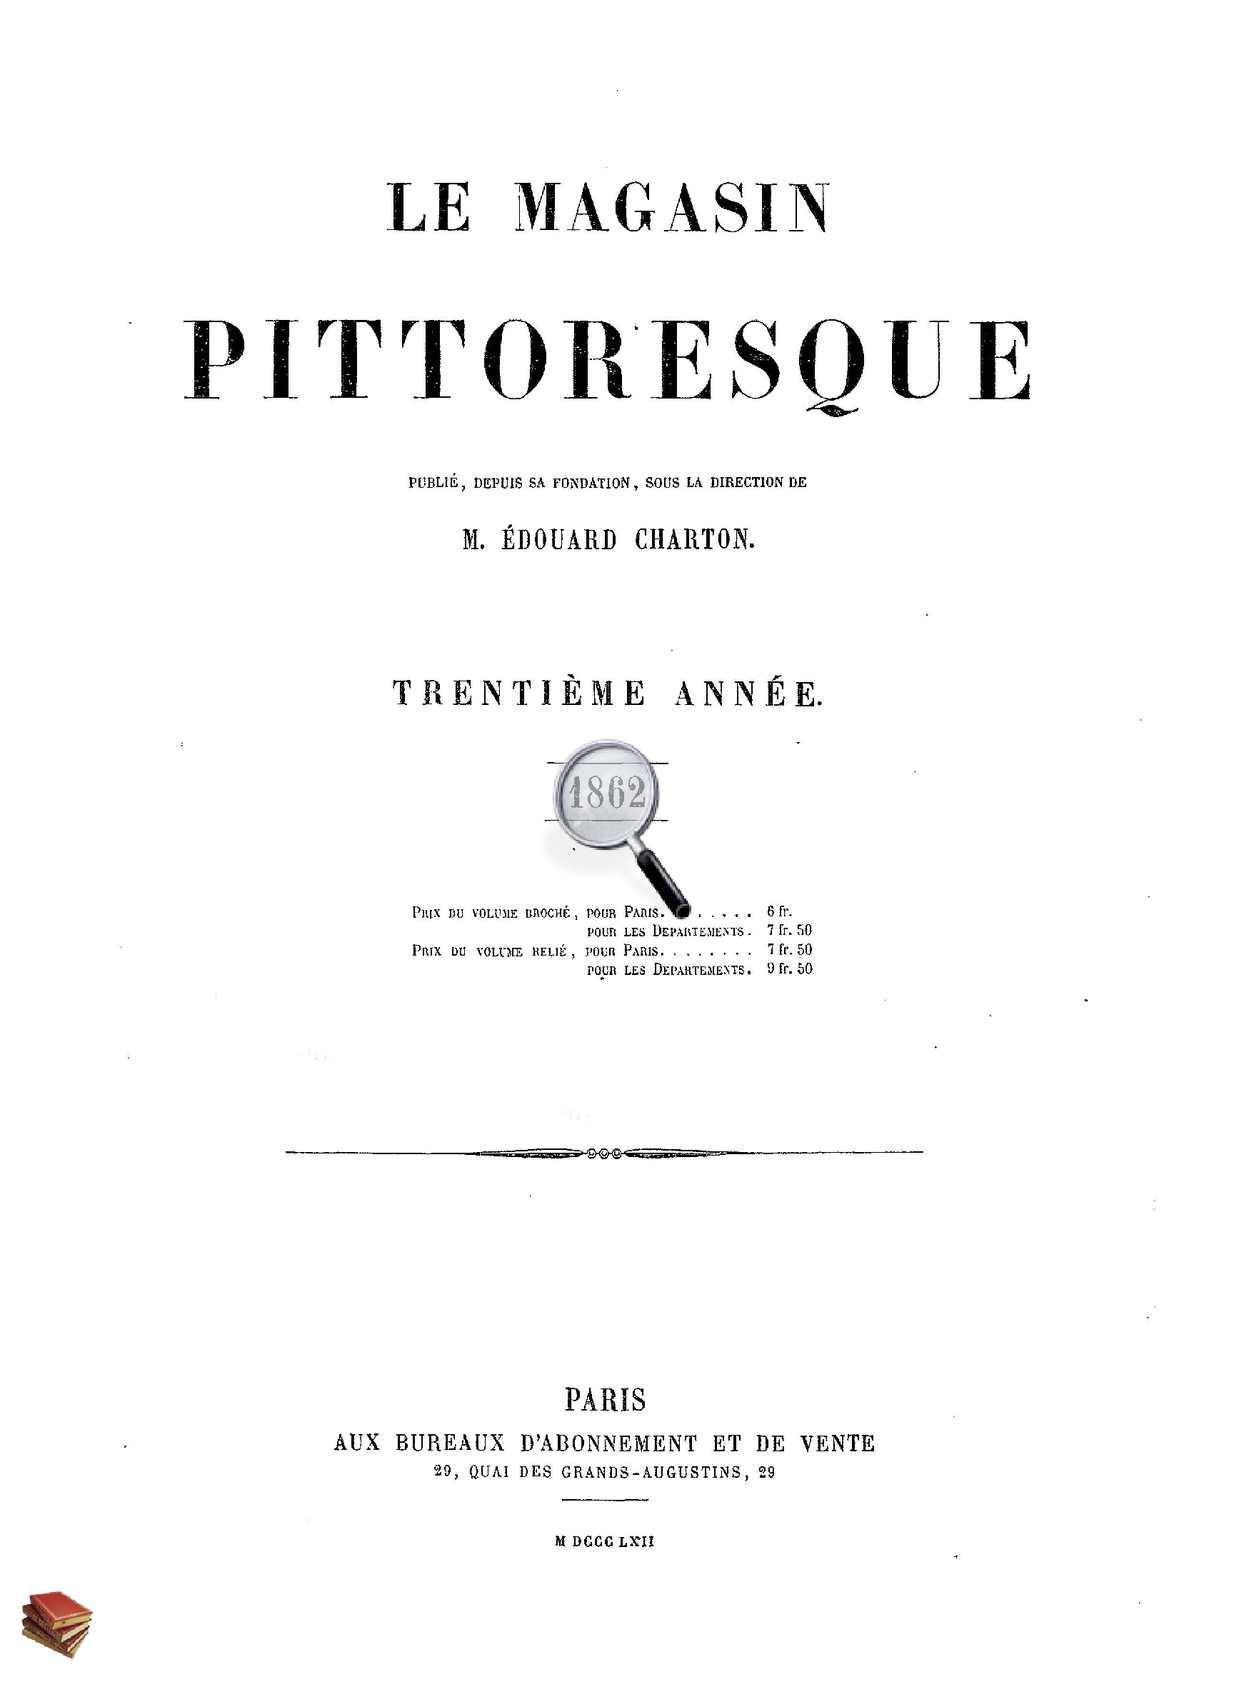 Serre De Gouaix Meilleur De Stock Calaméo Le Magasin Pittoresque 1862